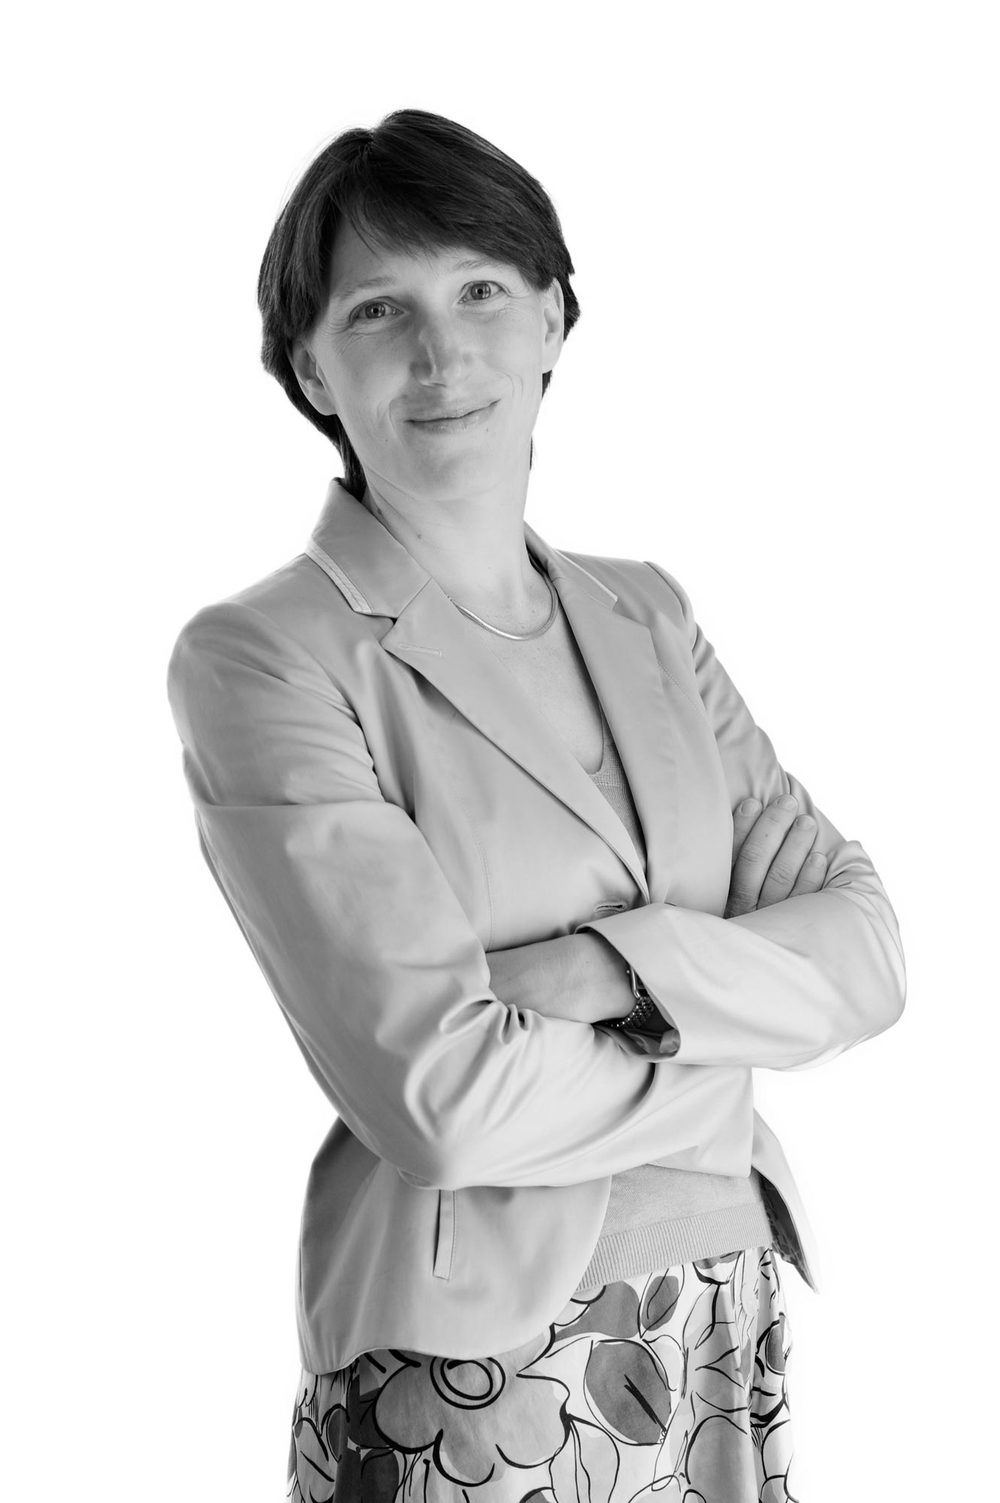 Sophie Lebeau Droit immobilier et de la construction Droit économique et assurances T +32 (0)2 501 61 25 F +32 (0)2 514 22 31 E :s.lebeau@wery-legal.be